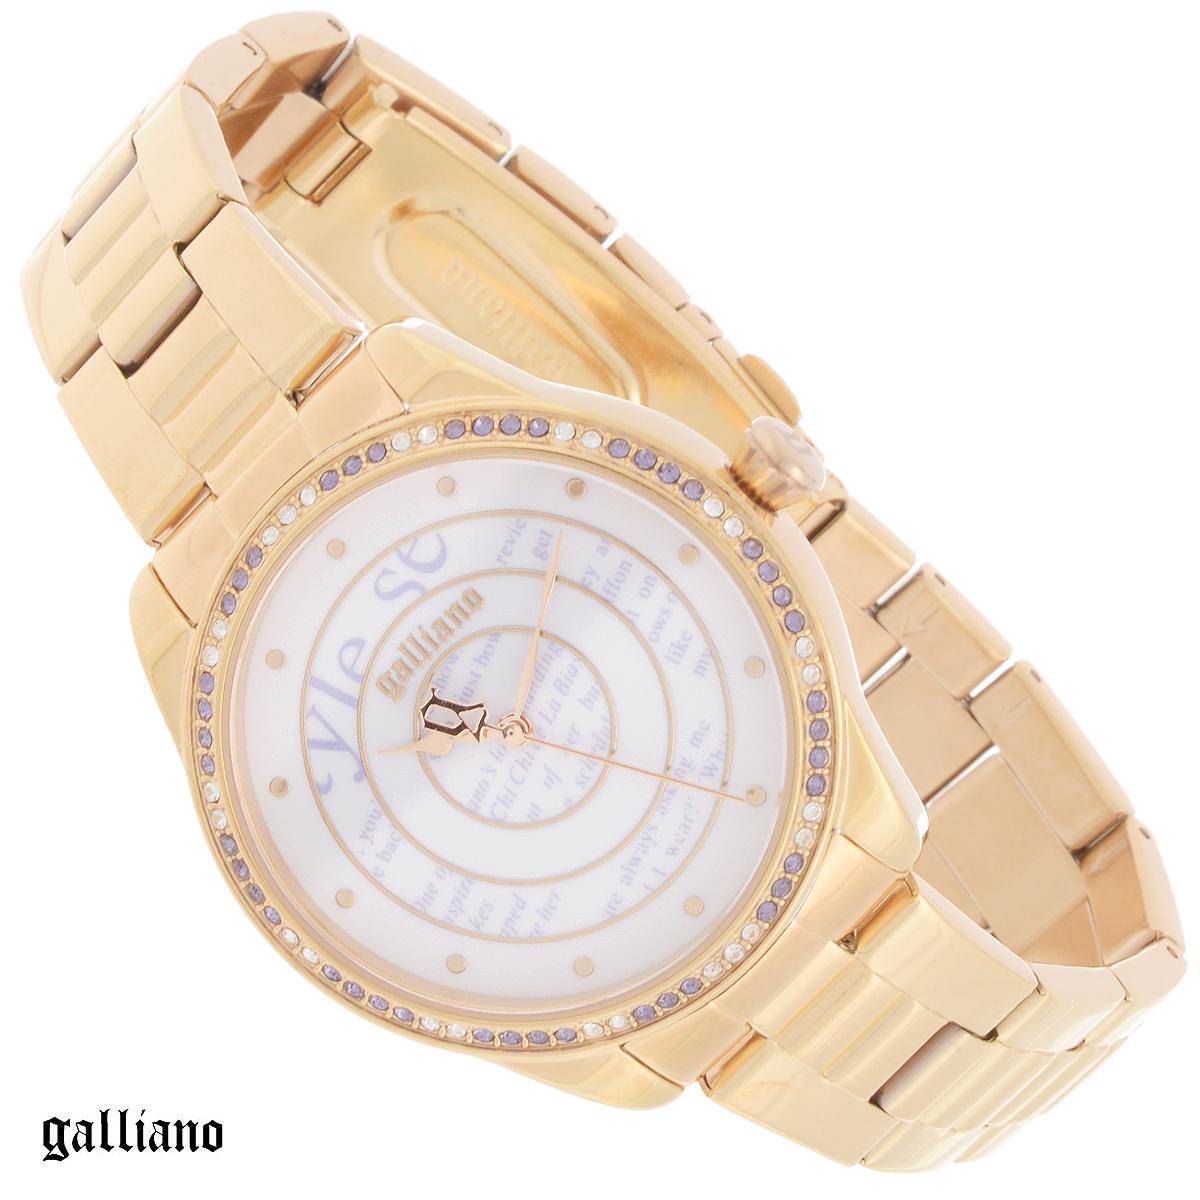 """Часы женские наручные Galliano, цвет: золотой. R2553115501R2553115501Наручные женские часы Galliano оснащены кварцевым механизмом. Корпус выполнен из высококачественной нержавеющей стали с PVD-покрытием и украшен кристаллами. Циферблат с отметками оформлен """"газетным"""" принтом и защищен минеральным стеклом. Часы имеют три стрелки - часовую, минутную и секундную. Браслет часов выполнен из нержавеющей стали с PVD-покрытием и оснащен раскладывающейся застежкой. Часы укомплектованы паспортом с подробной инструкцией. Часы Galliano благодаря своему великолепному дизайну и качеству исполнения станут главным акцентом вашего образа. Характеристики: Диаметр циферблата: 3,3 см. Размер корпуса: 3,9 см х 3,9 см х 0,9 см. Длина браслета (с корпусом): 25 см. Ширина браслета: 1,5 см."""